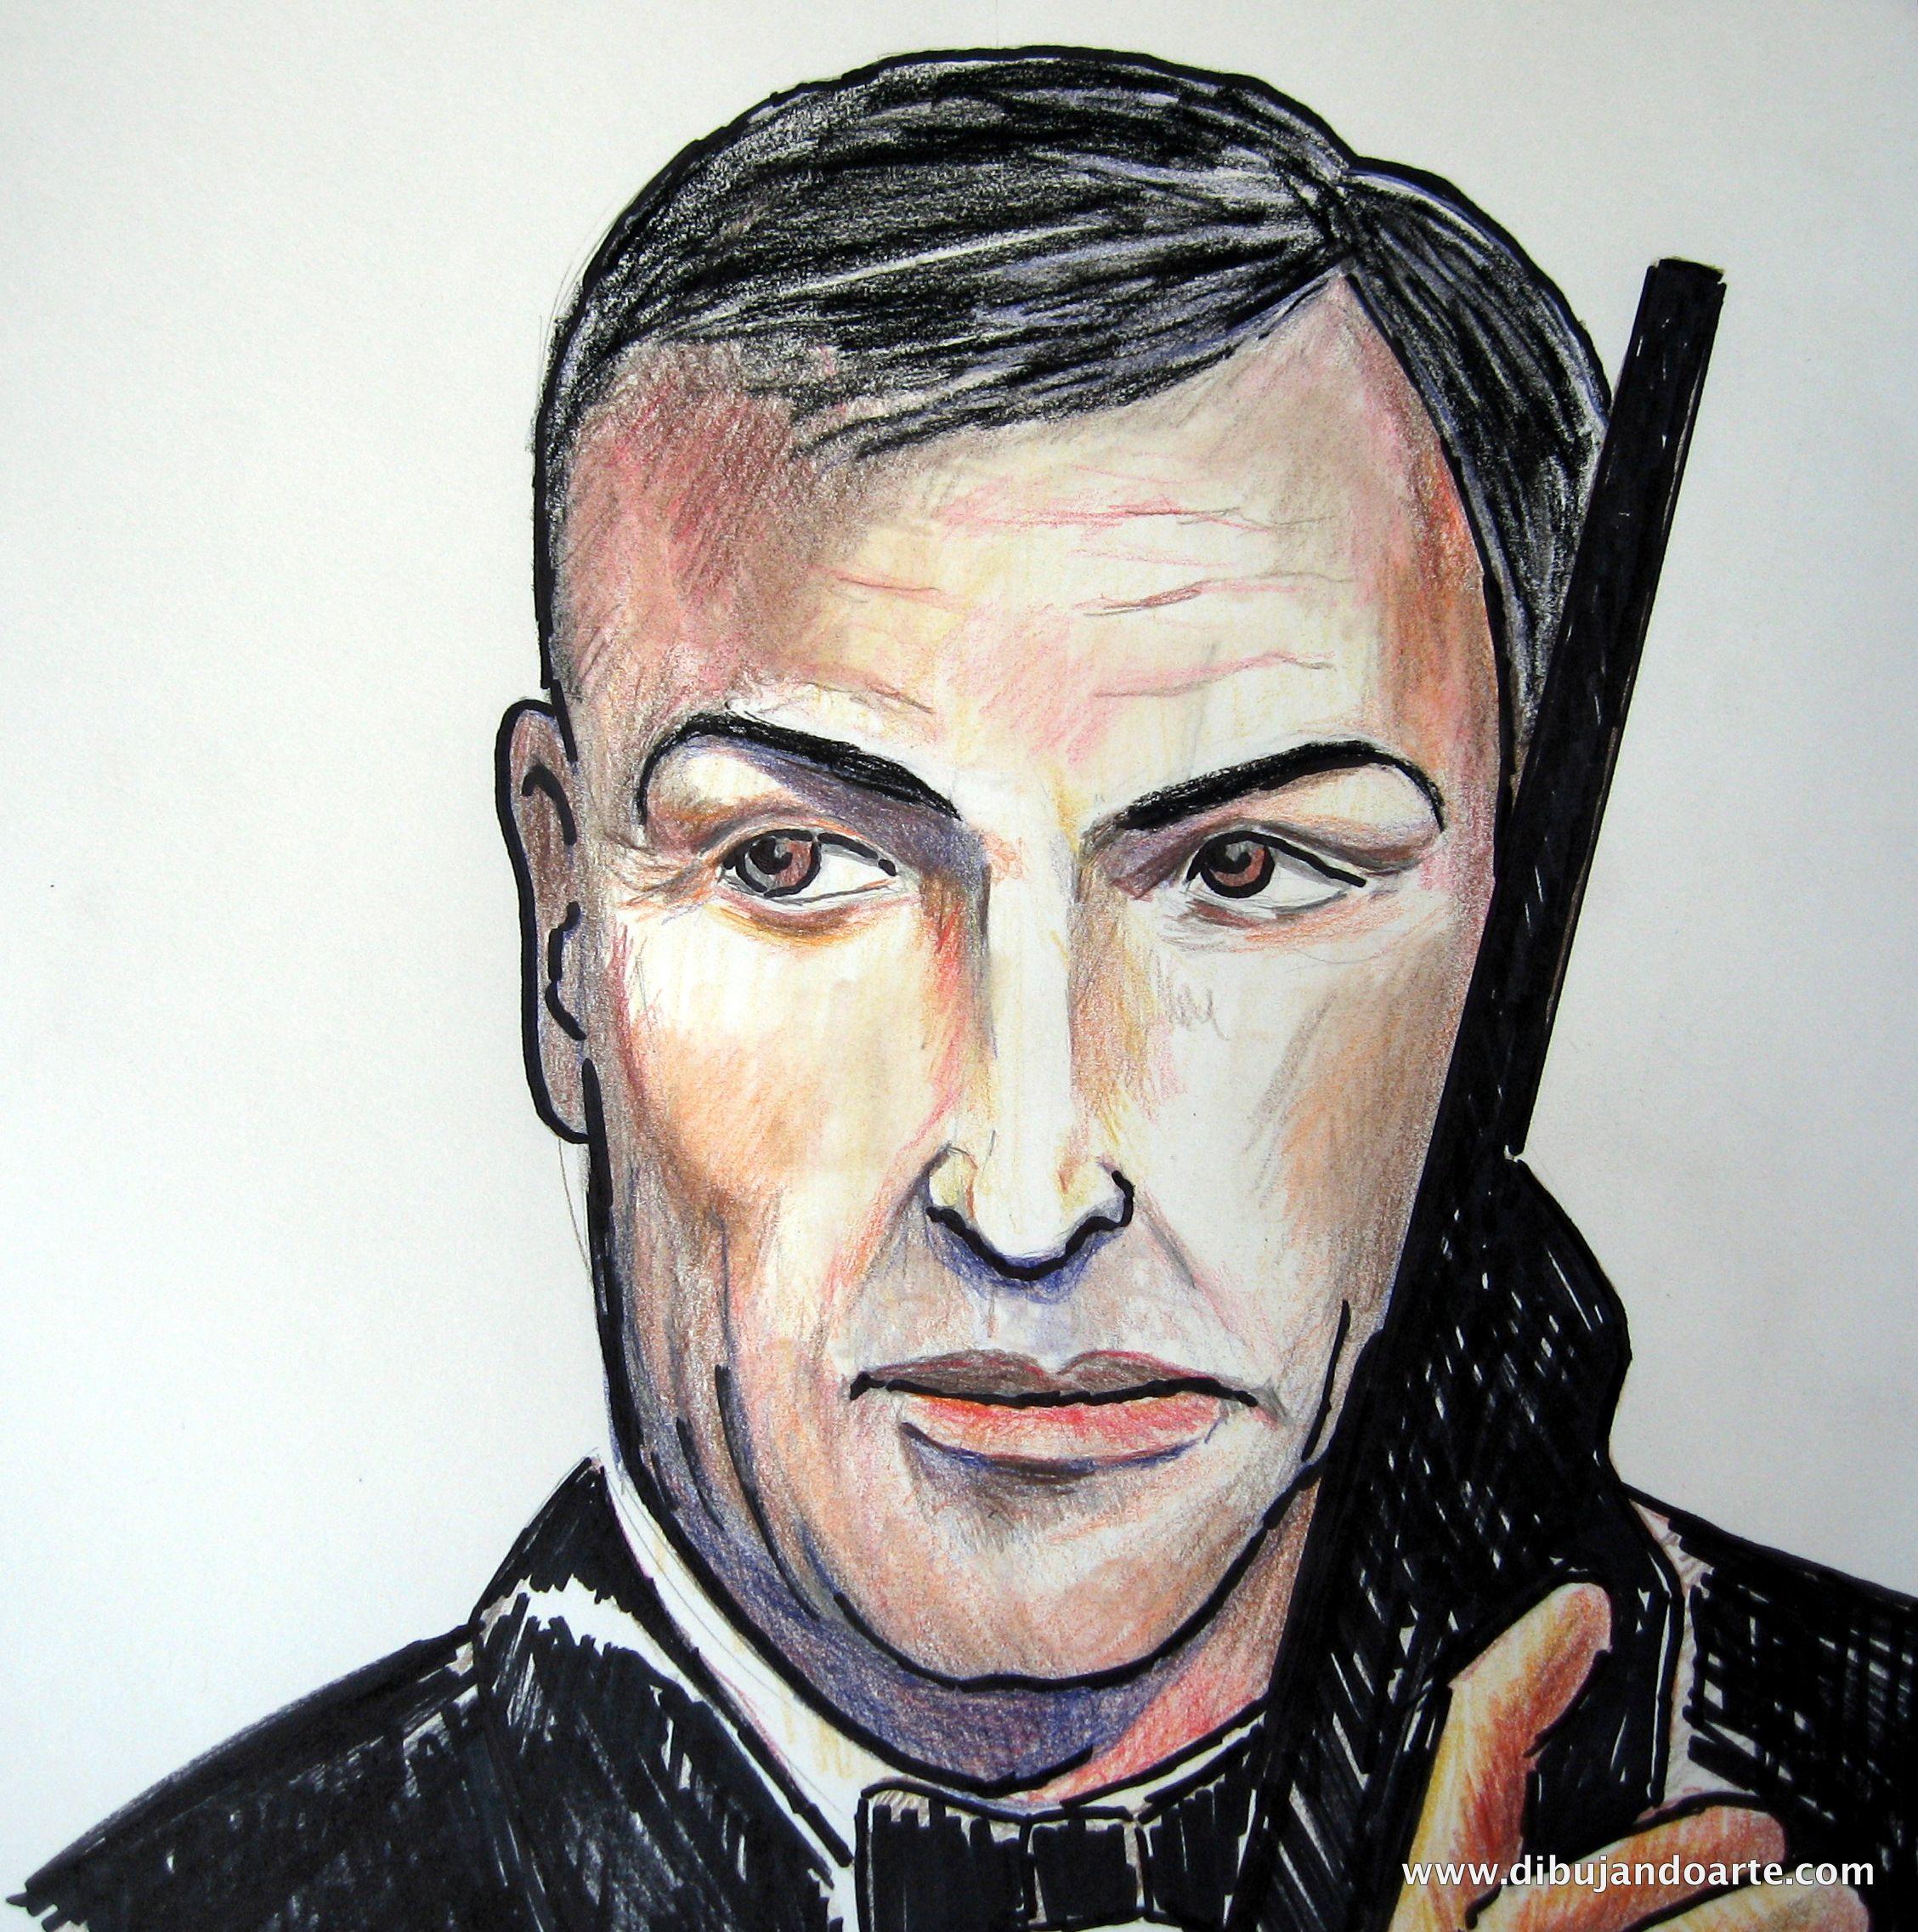 www.dibujandoarte.com - Retrato de James #Bond hecho con #lápices y #rotuladores...  Autor: #FelixFernandez